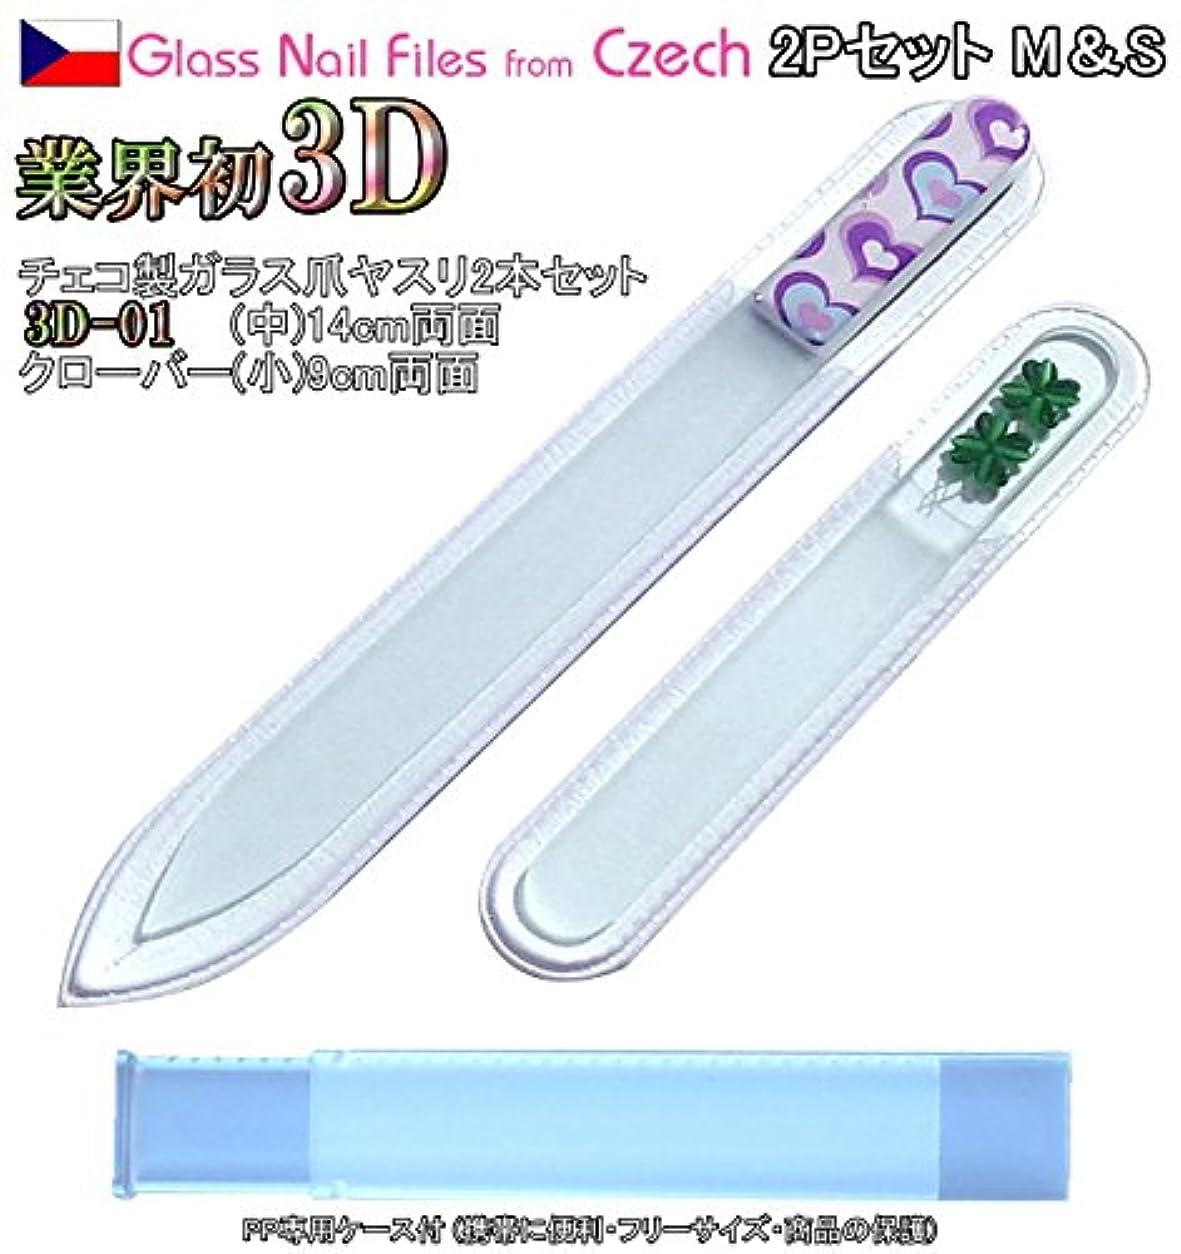 韓国語残忍なただやるBISON 3D チェコ製ガラス爪ヤスリ 2Pセット M01&Sクローバー各両面仕上げ ?専用ケース付